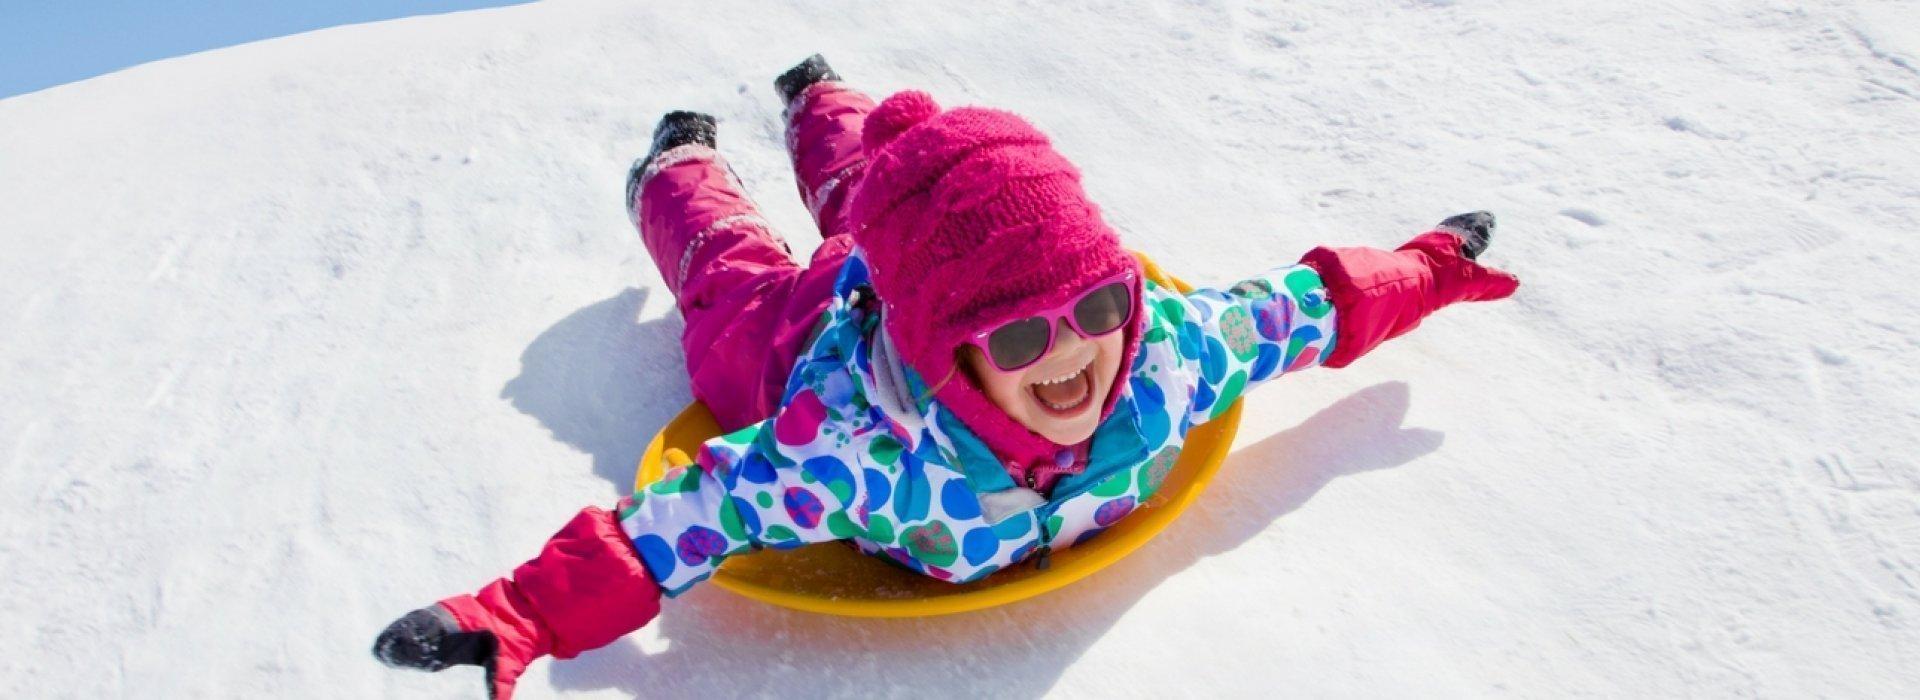 Ferie zimowe 2018 w Krynicy | Min. 3 doby